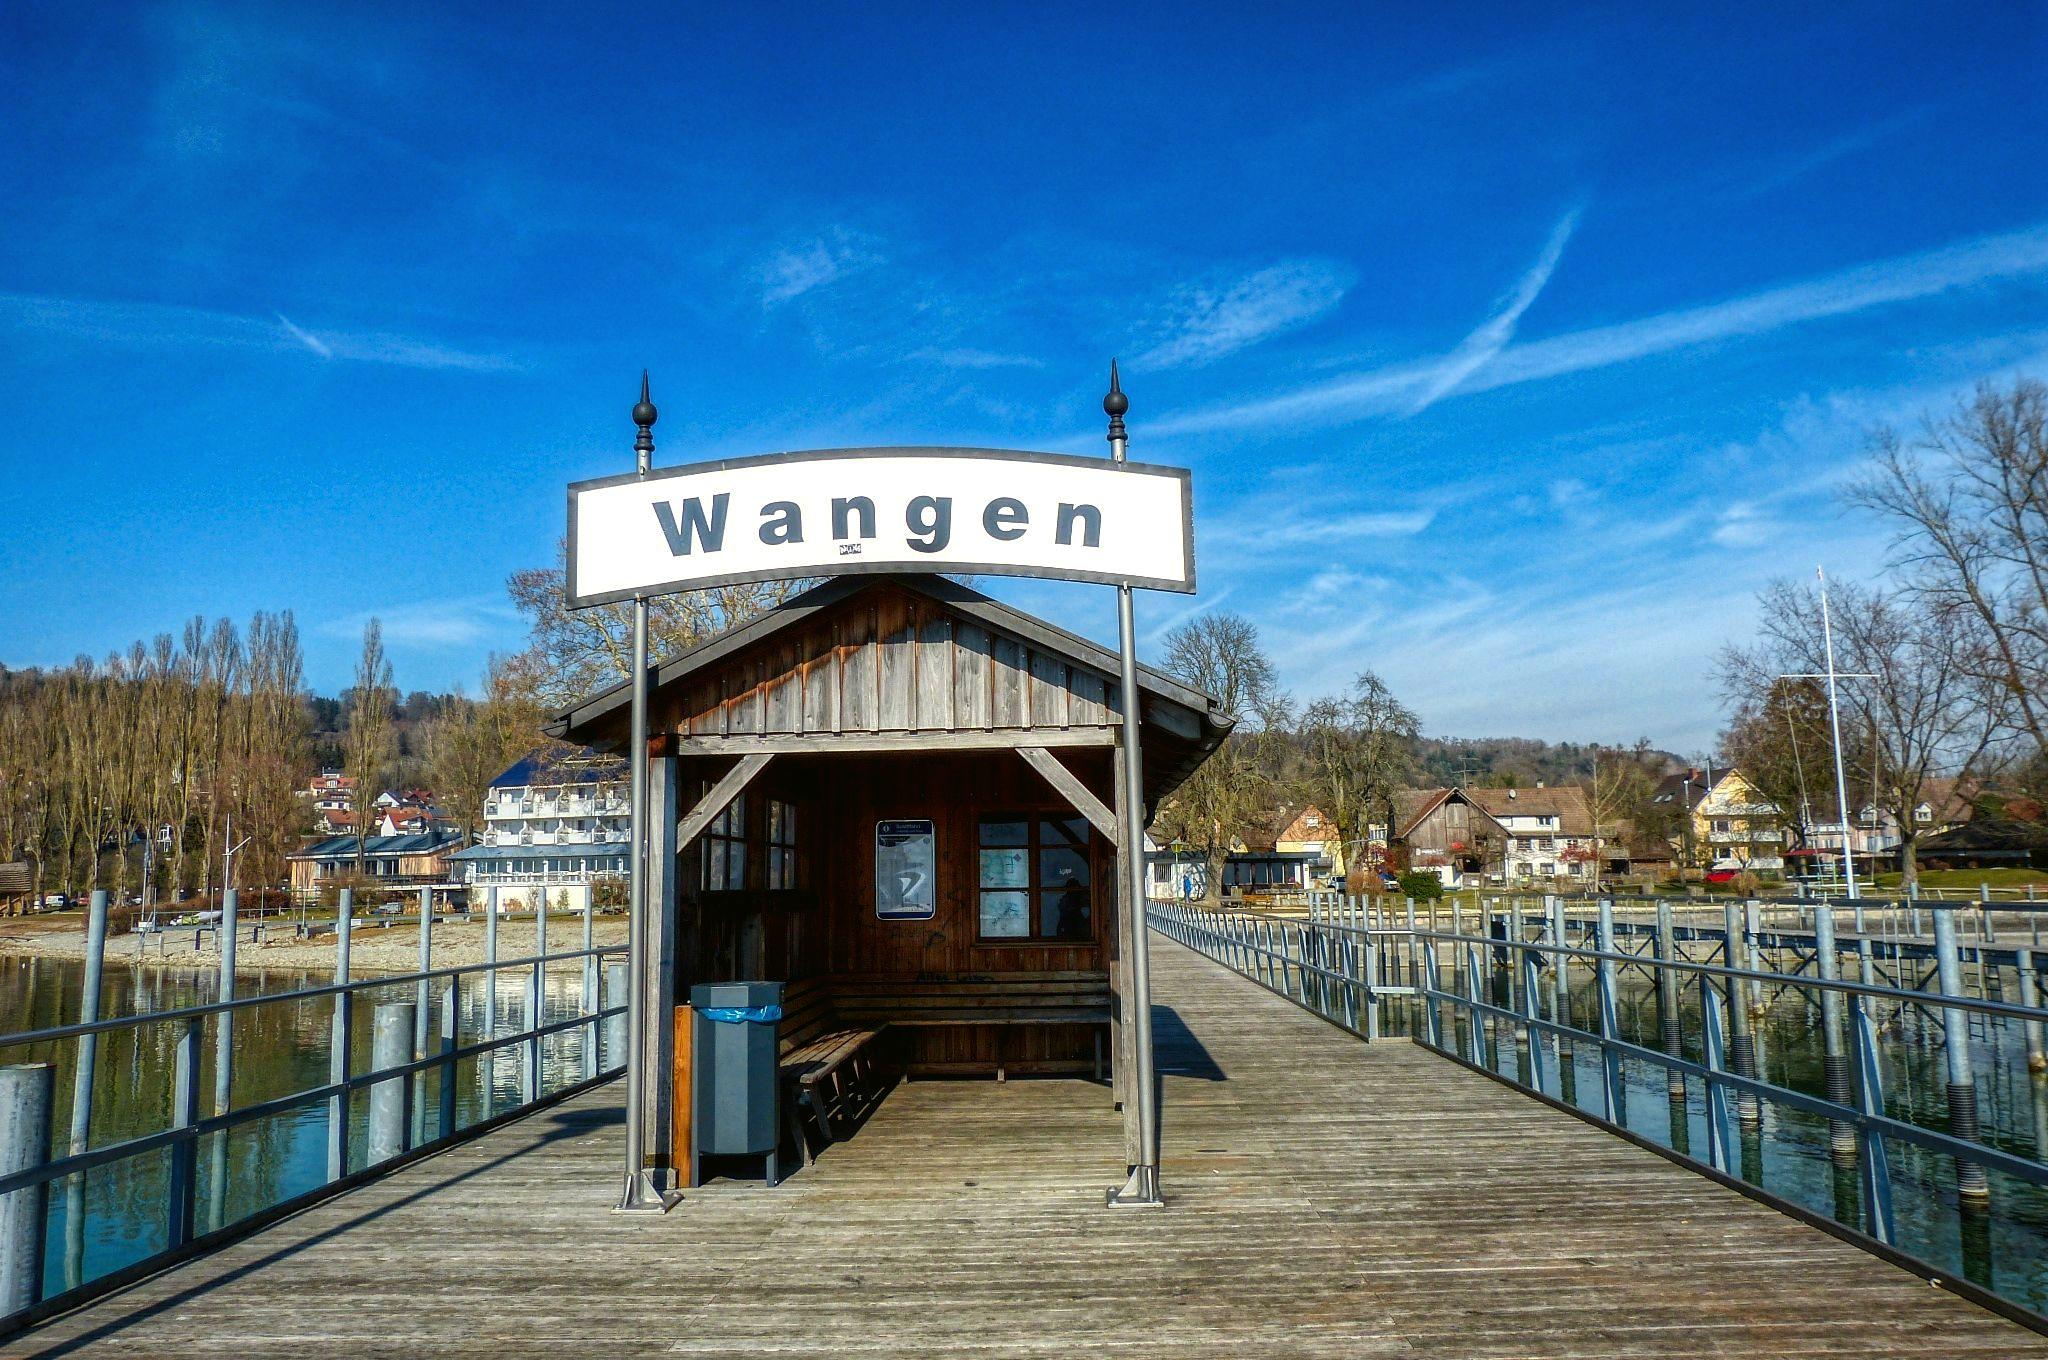 Wangen - Steg - Schild